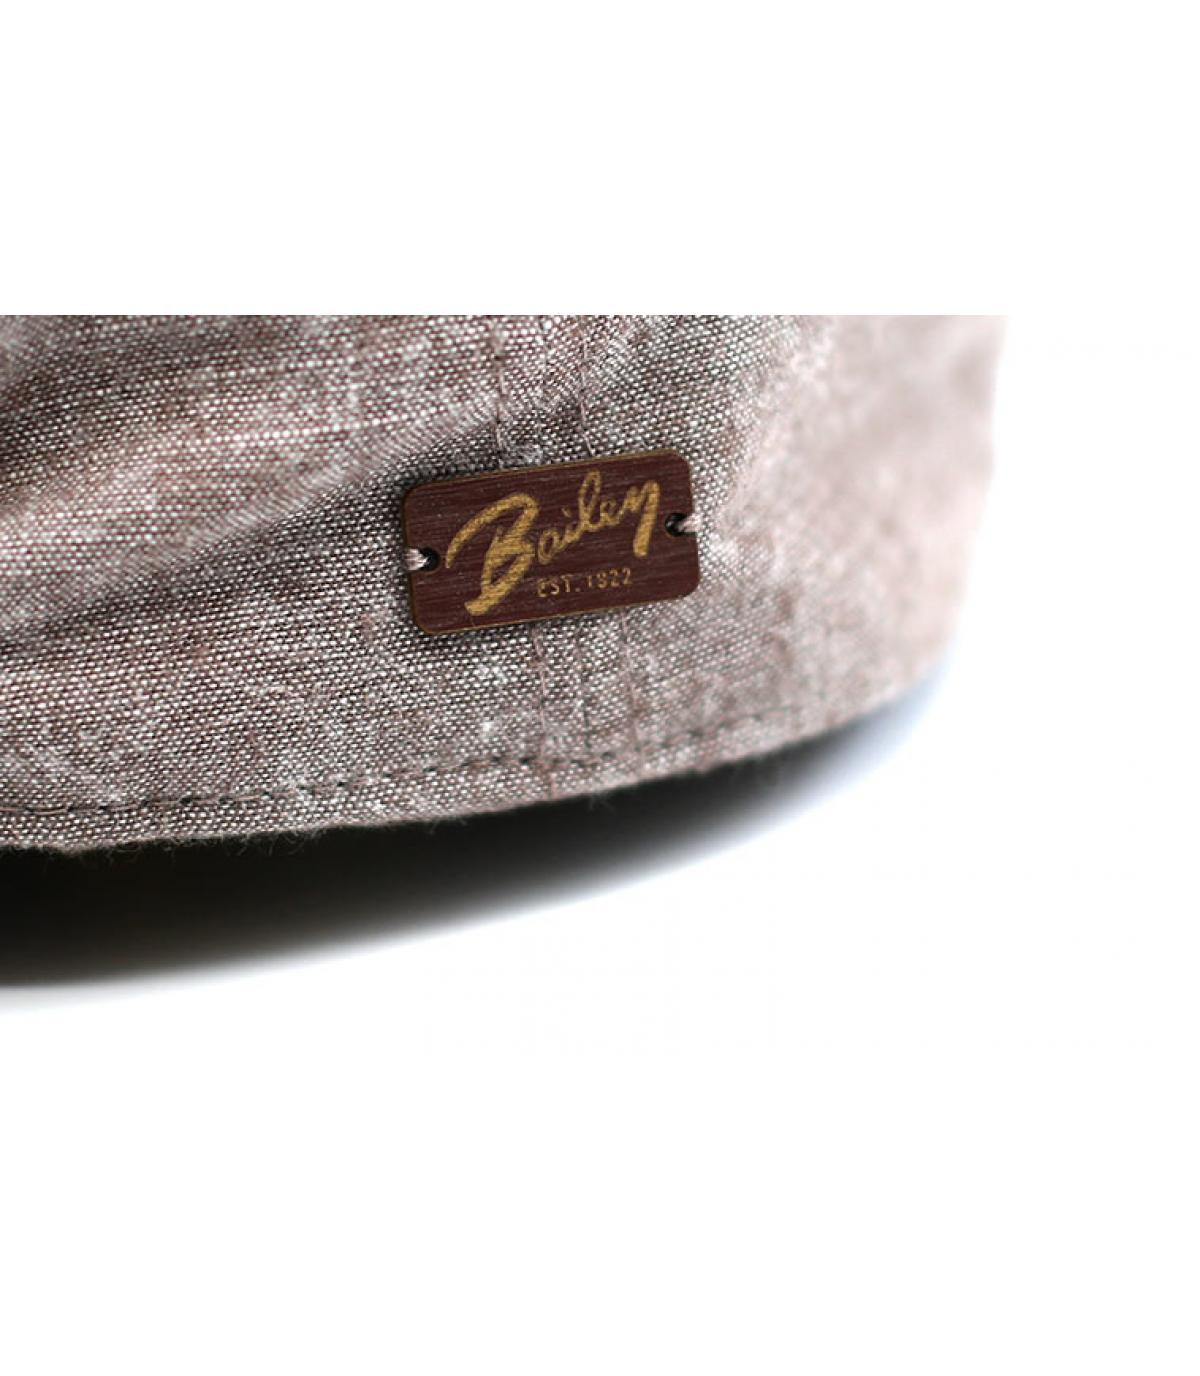 Details Stanger Lt brown - Abbildung 3